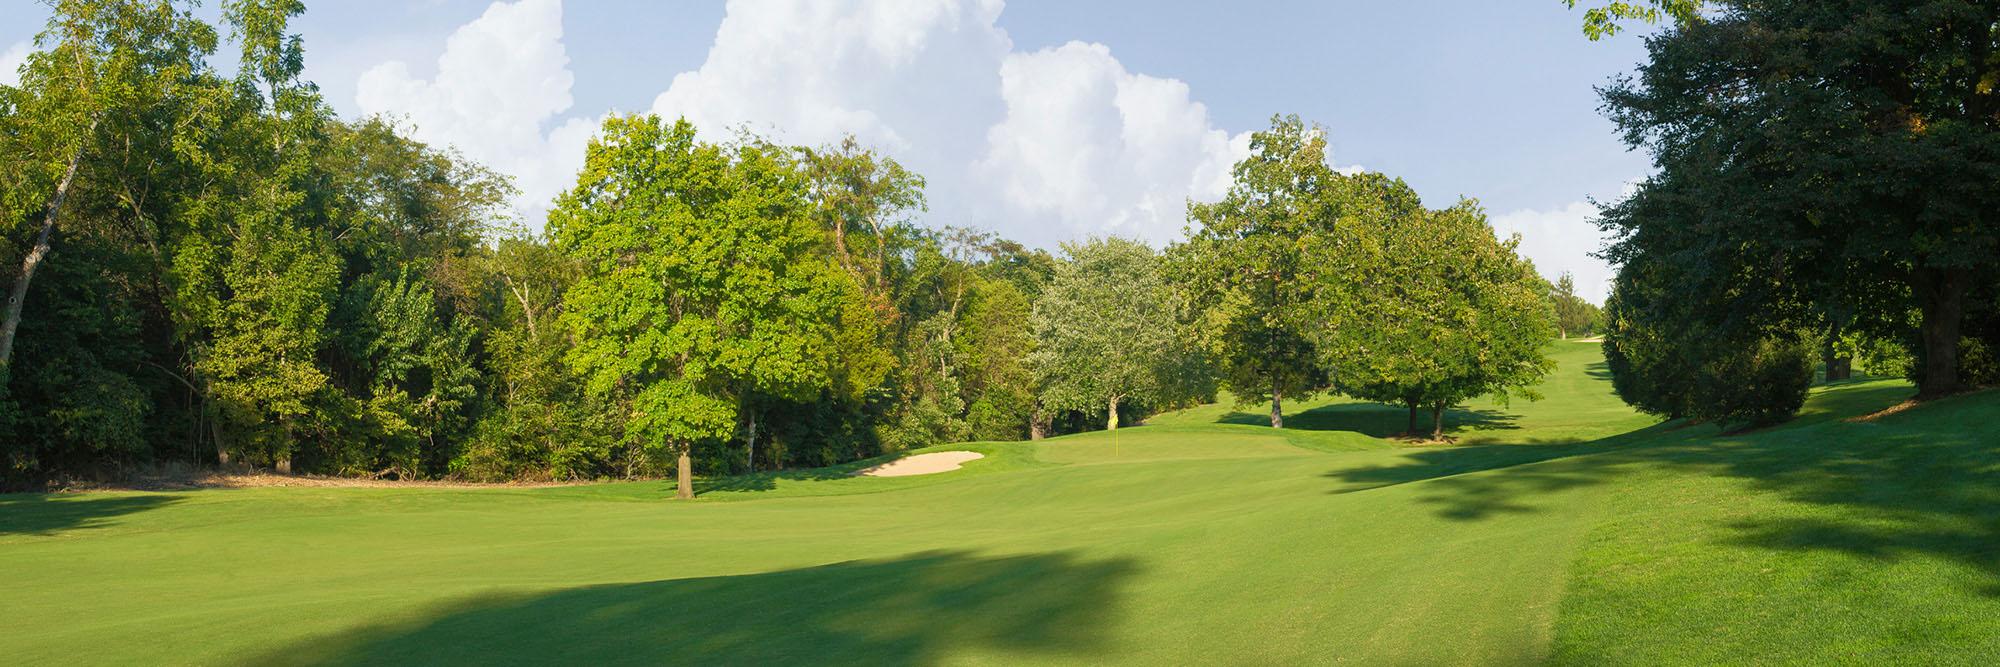 Golf Course Image - Hickory Hills No. 17